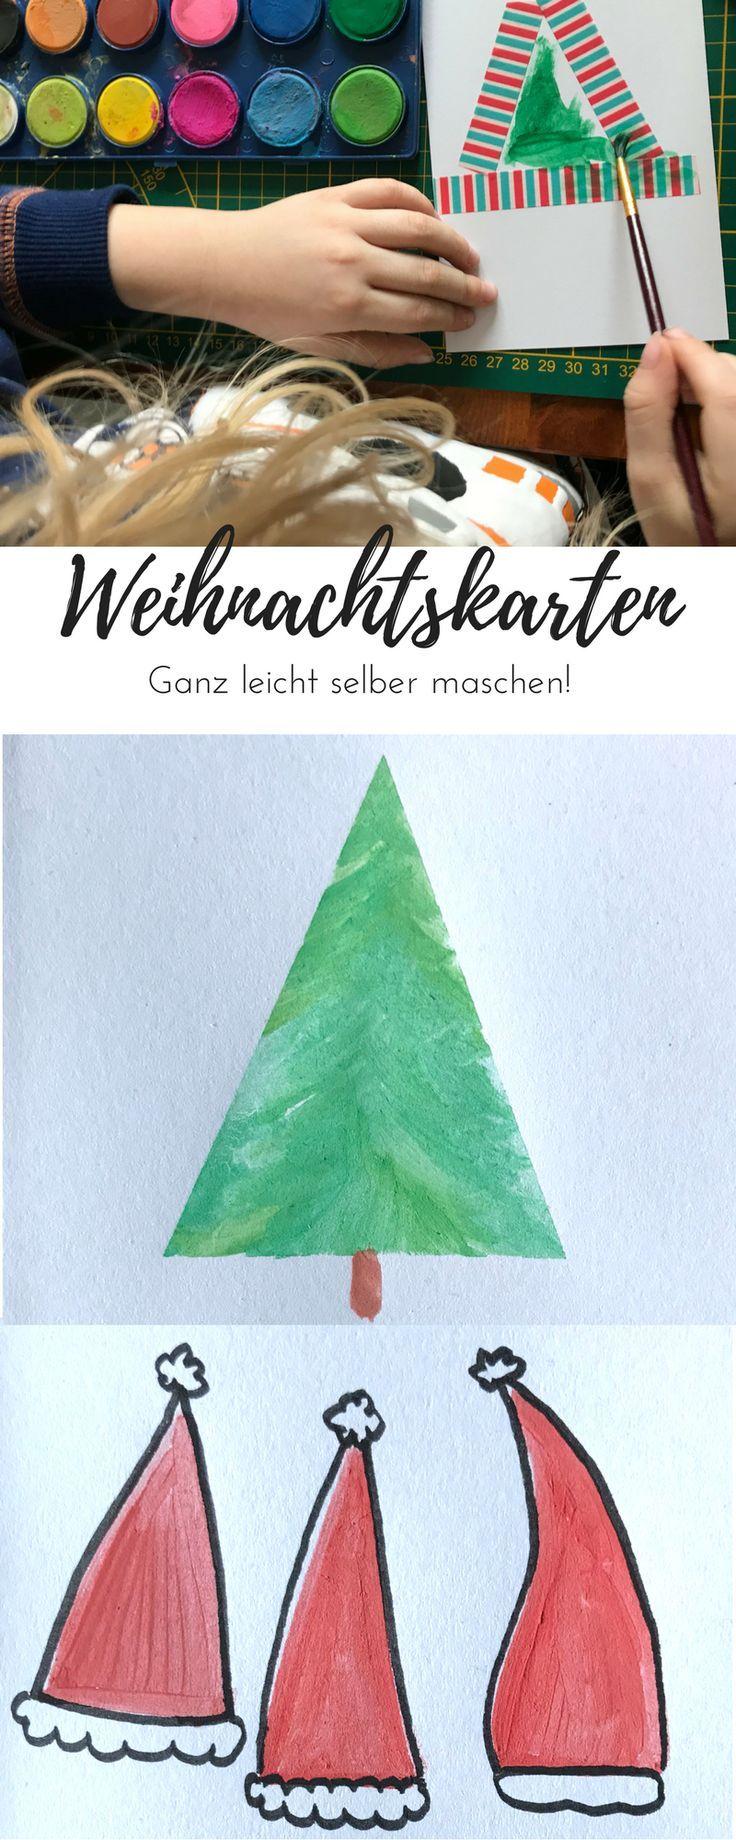 85 besten Weihnachtskarten Bilder auf Pinterest